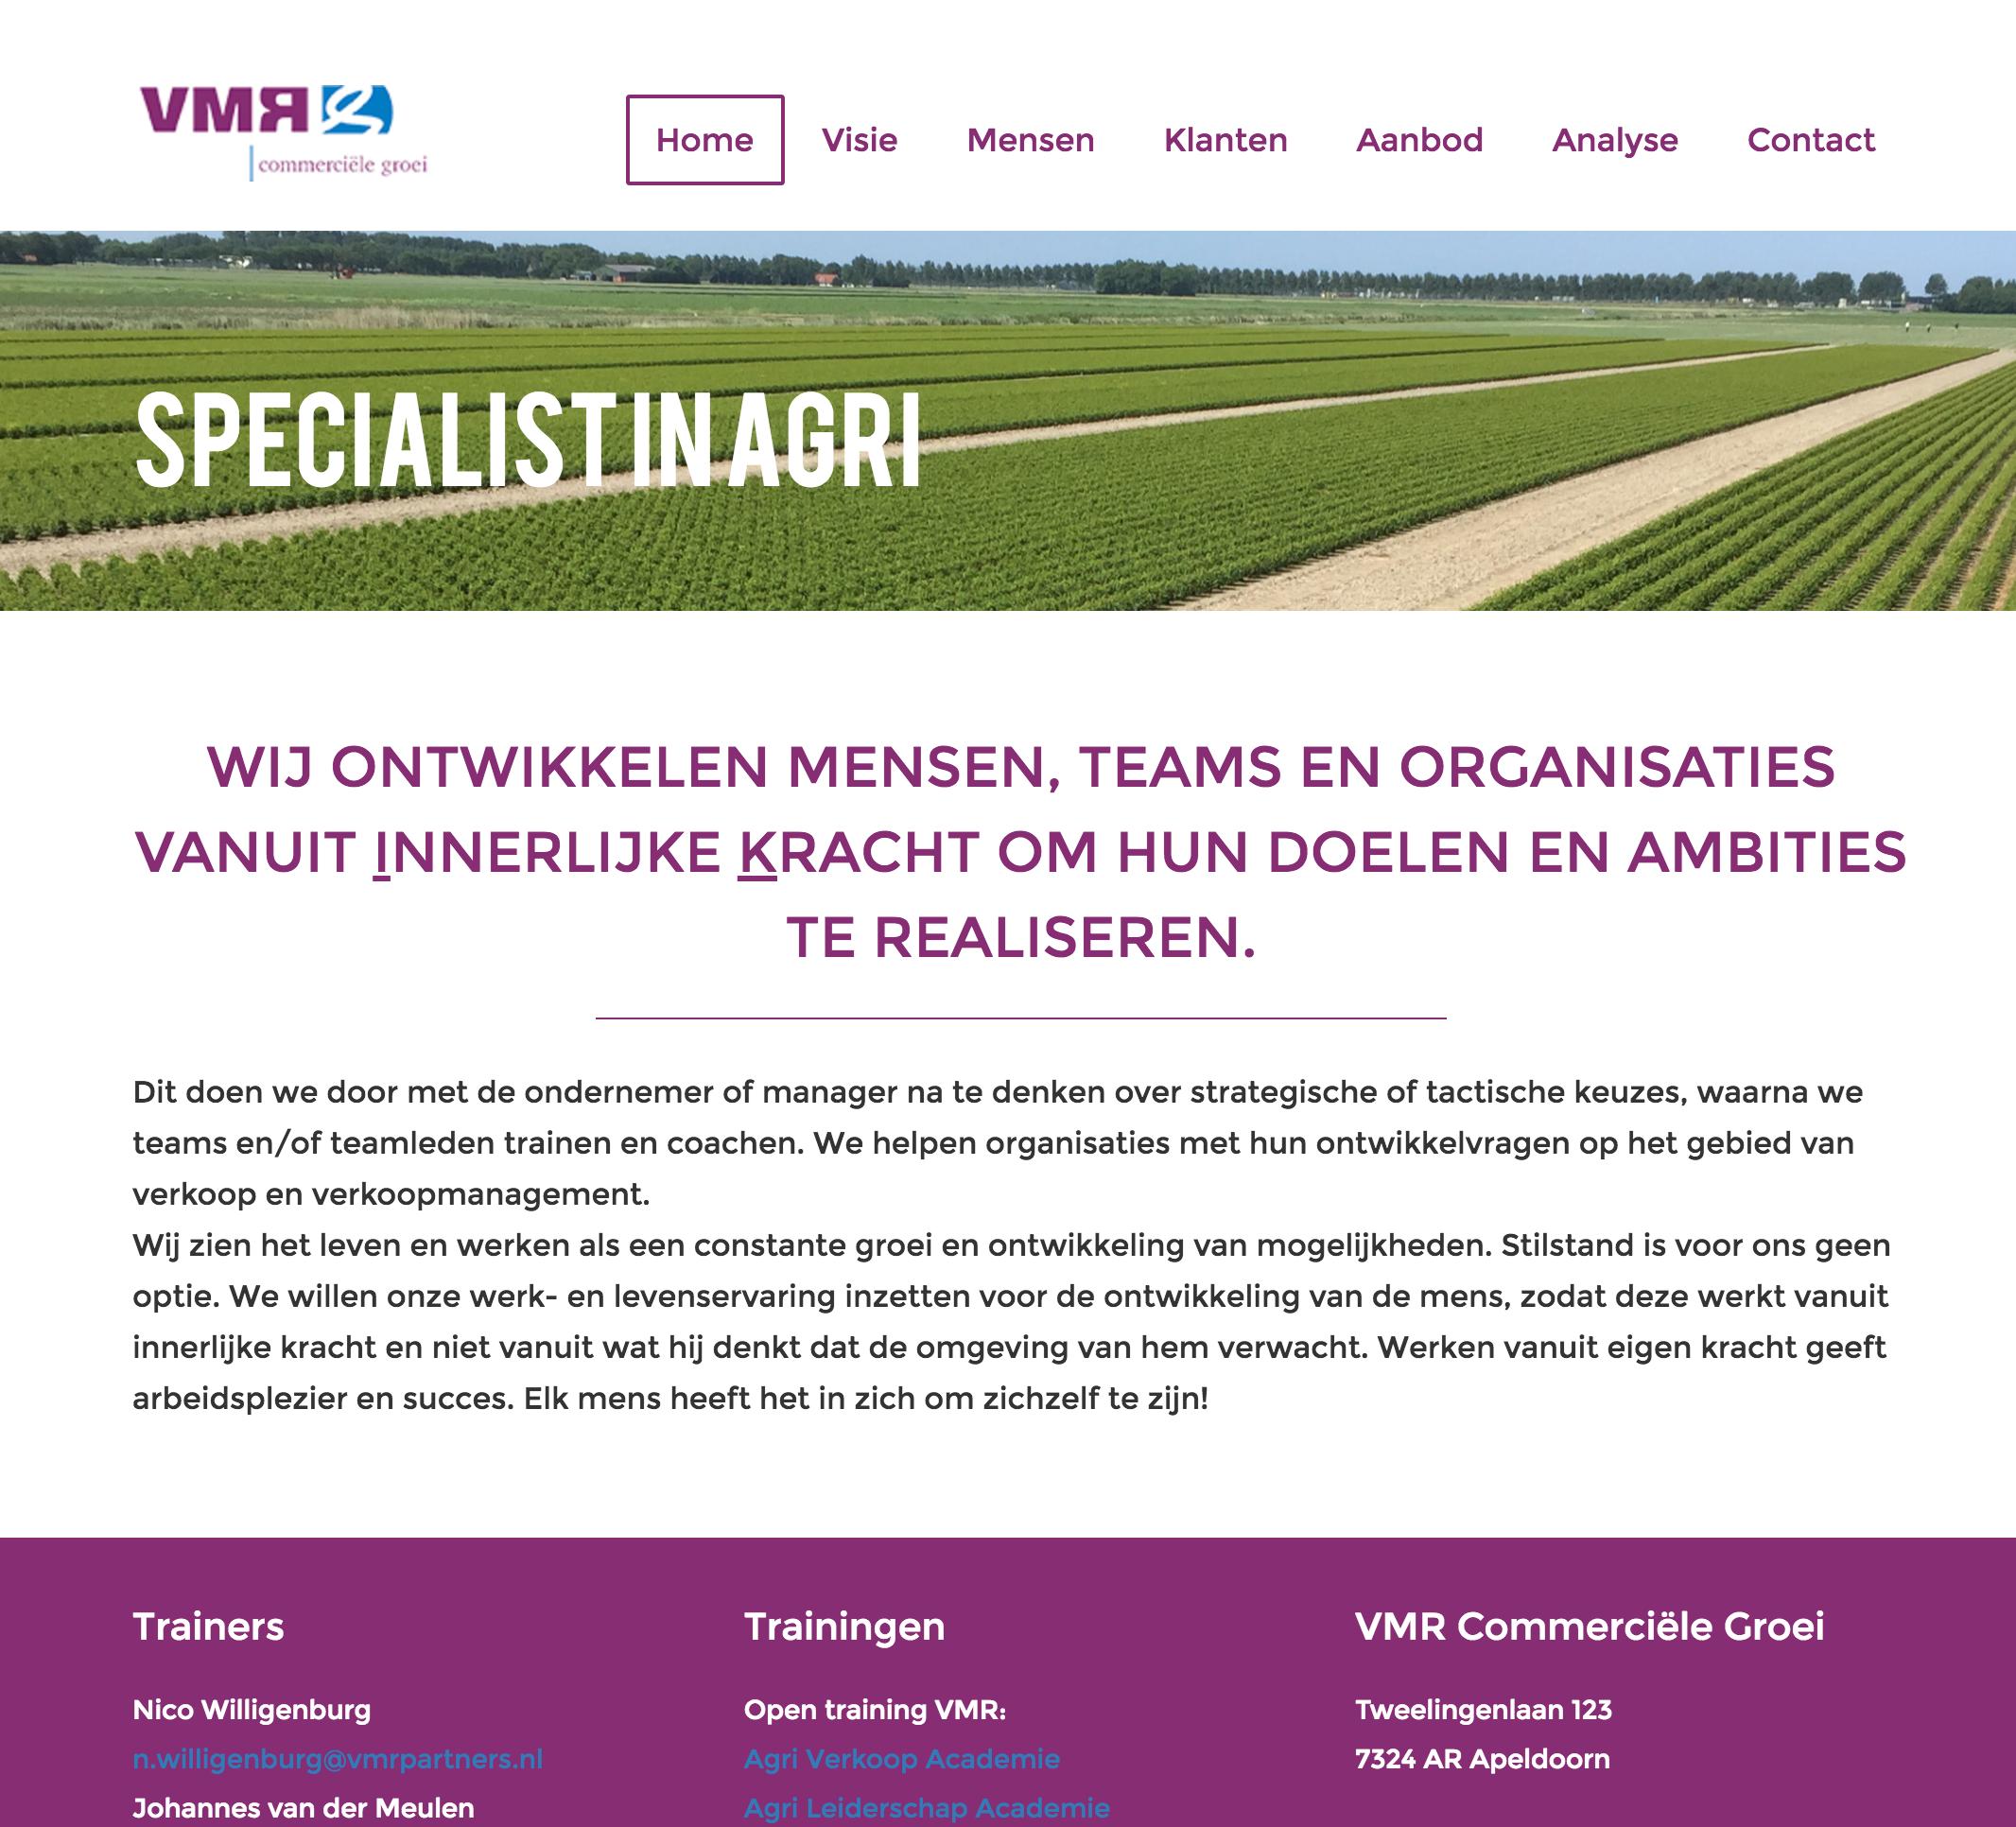 Website VMR Commerciële Groei